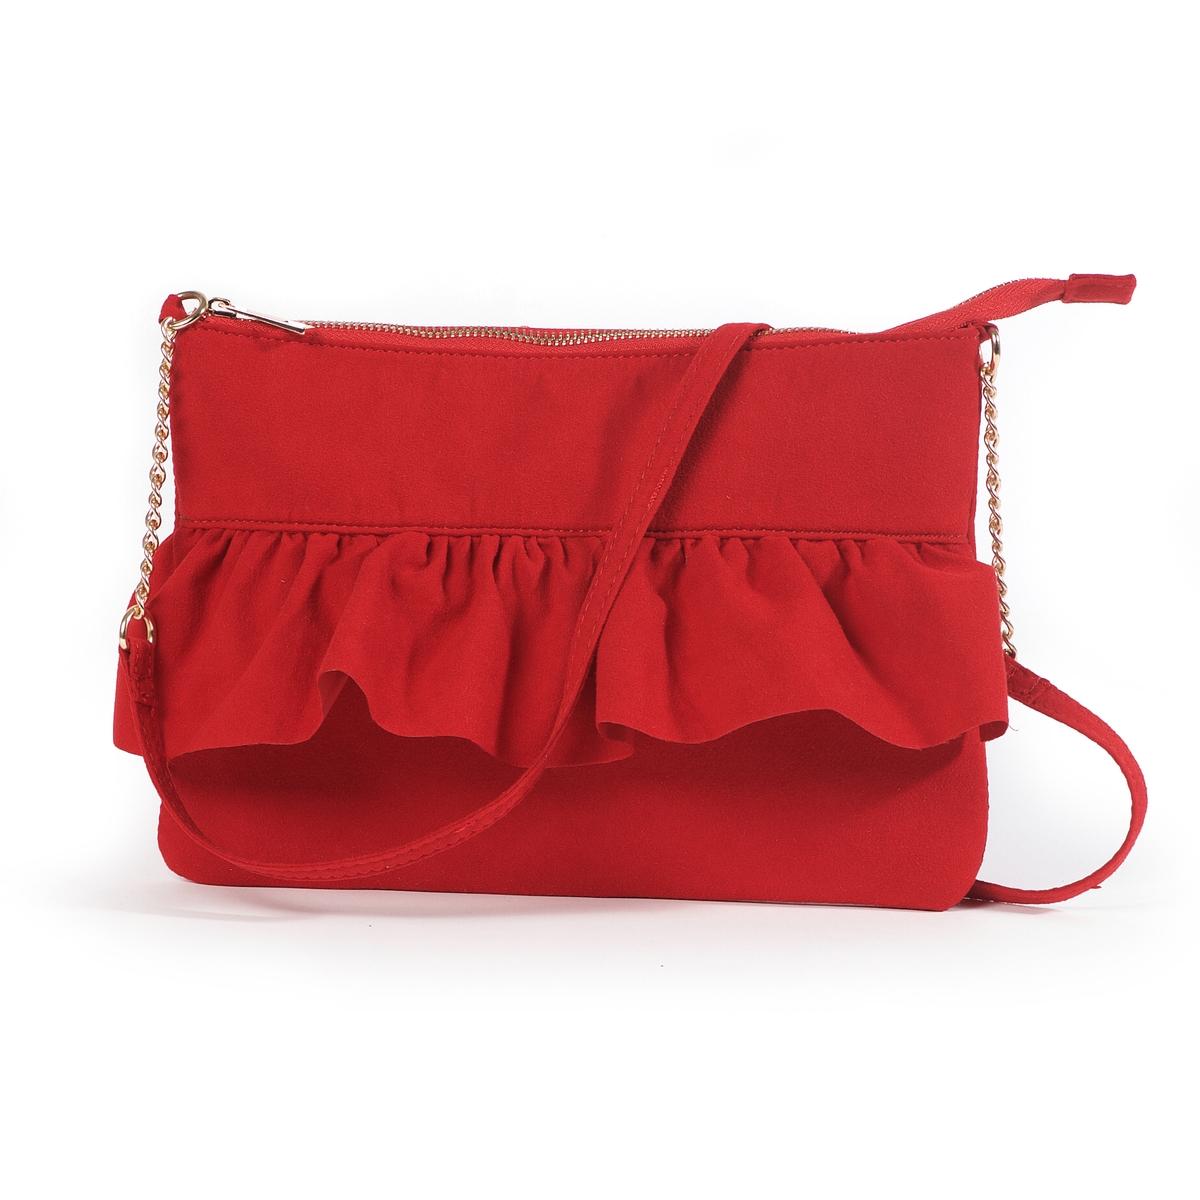 Сумка-клатч с воланами сумка клатч renato angi сумка клатч